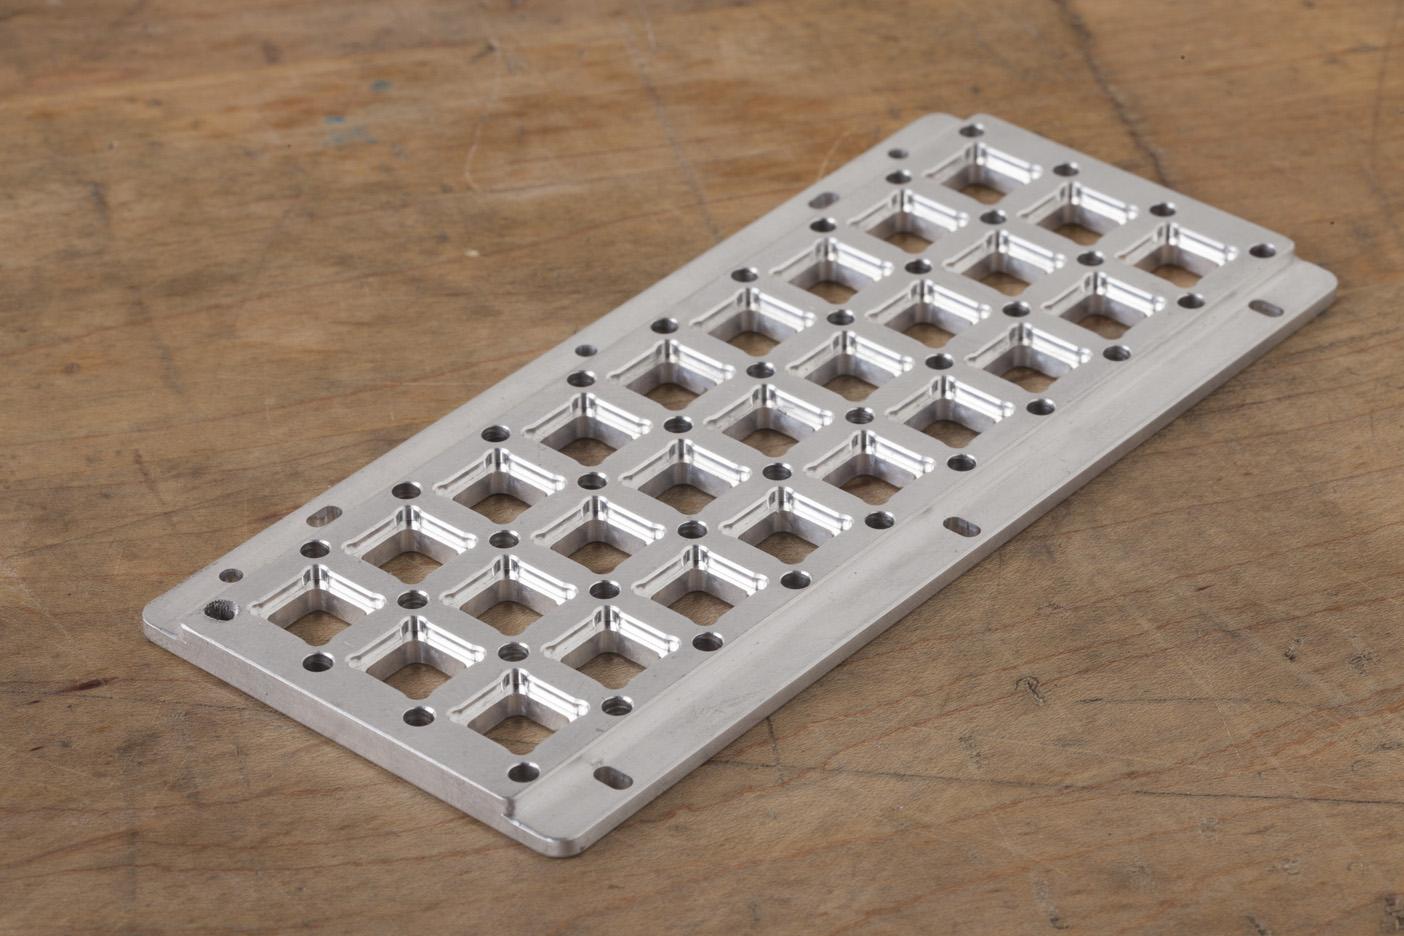 Automation Equipment, Automotive, 6061 Aluminum, PS95 CNC Mill, 2 setups